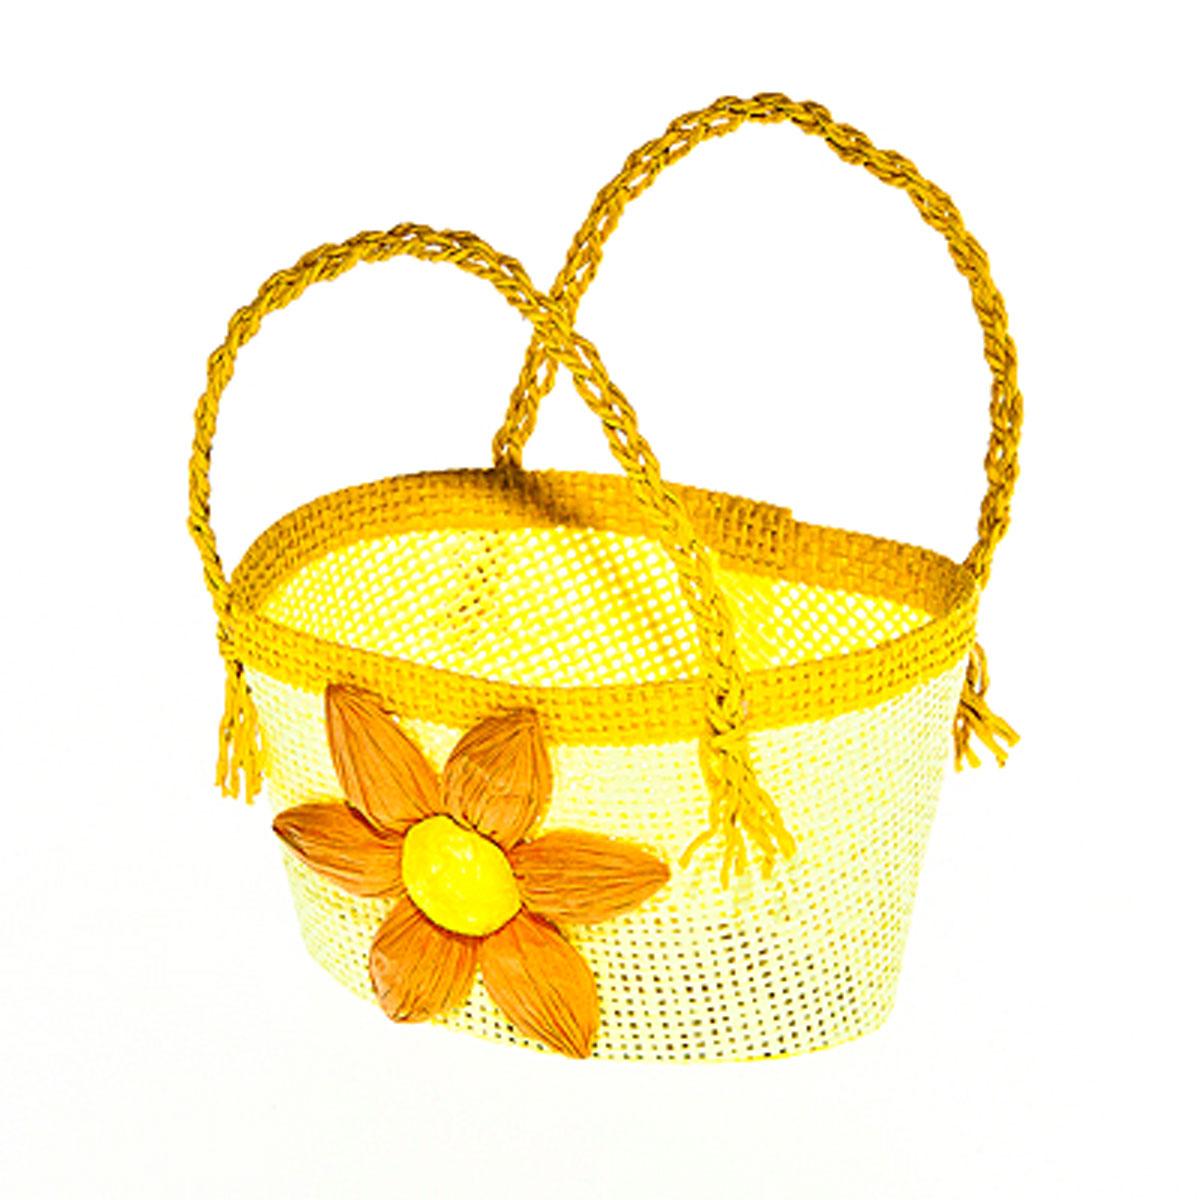 Корзина декоративная Home Queen Гербера, цвет: желтый, 14 х 10 х 7 см64321_3Корзина Home Queen Гербера, выполненная из бумаги, предназначена для хранения различных мелочей. Изделие декорировано ярким цветком и оснащено двумя плетеными ручками. Такая корзина станет ярким и необычным подарком или украшением интерьера на Пасху. Размер: 14 см х 10 см х 7 см. Высота ручек: 8 см.